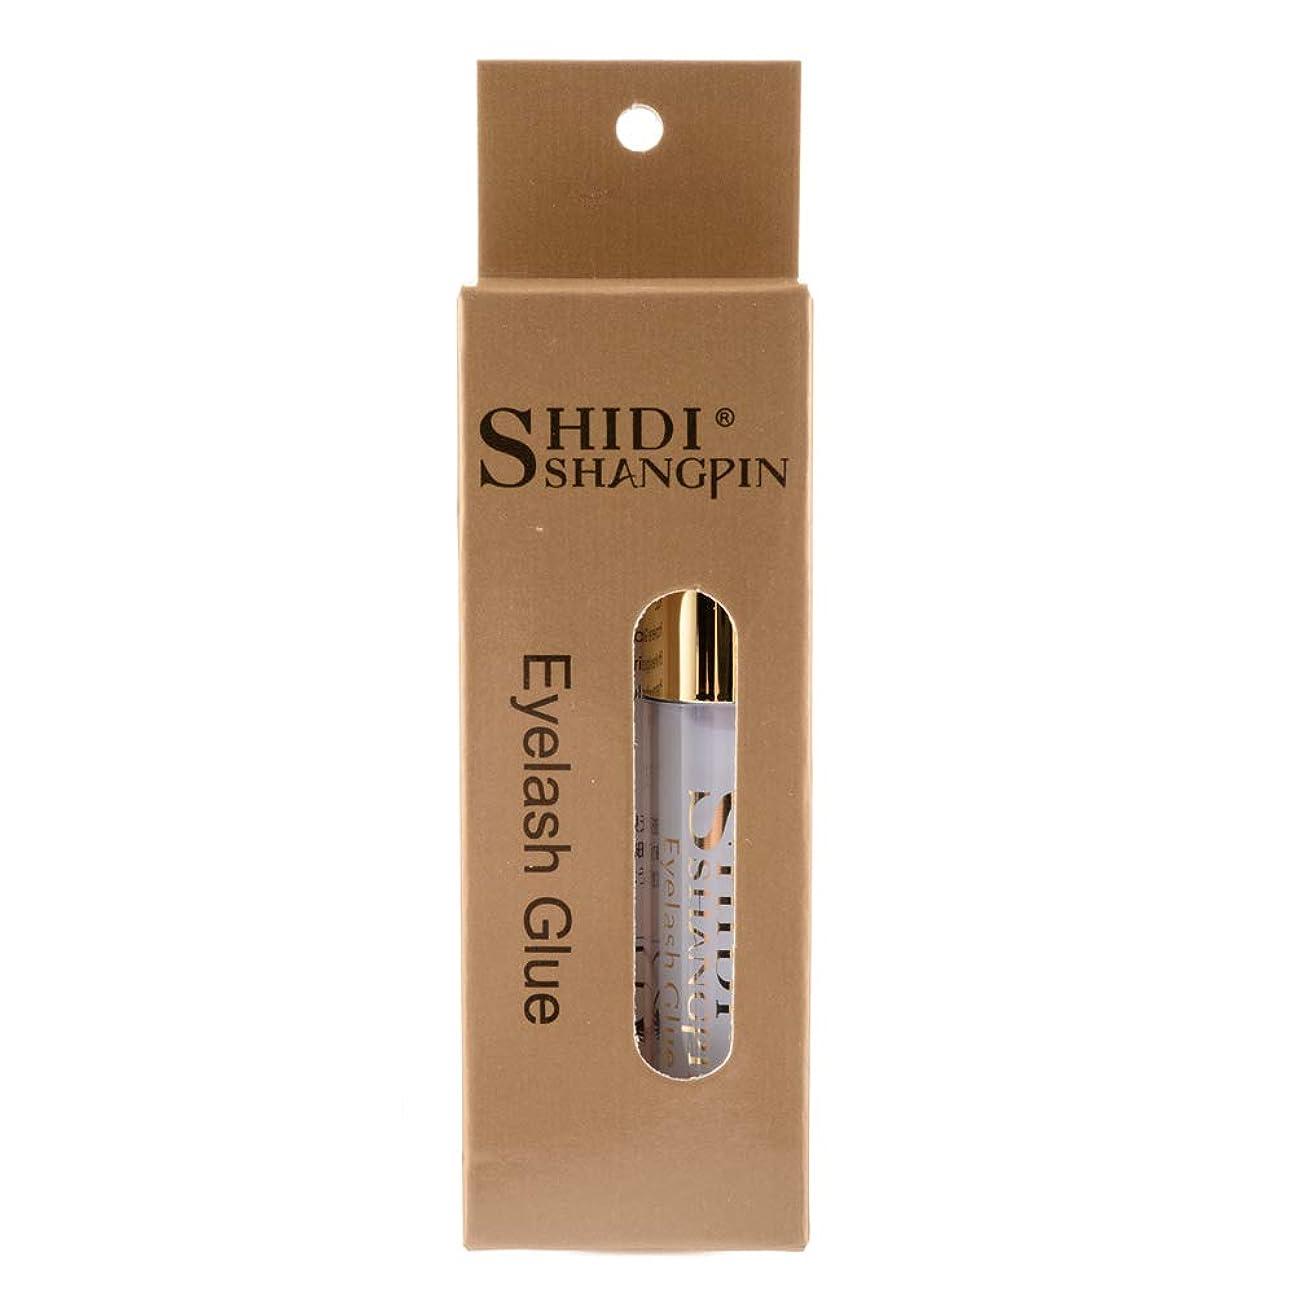 制限された甘味ラフトSHIDI SHANGPIN つけまつげ接着剤 超強力タイプスーパーフィット乳白色 5g